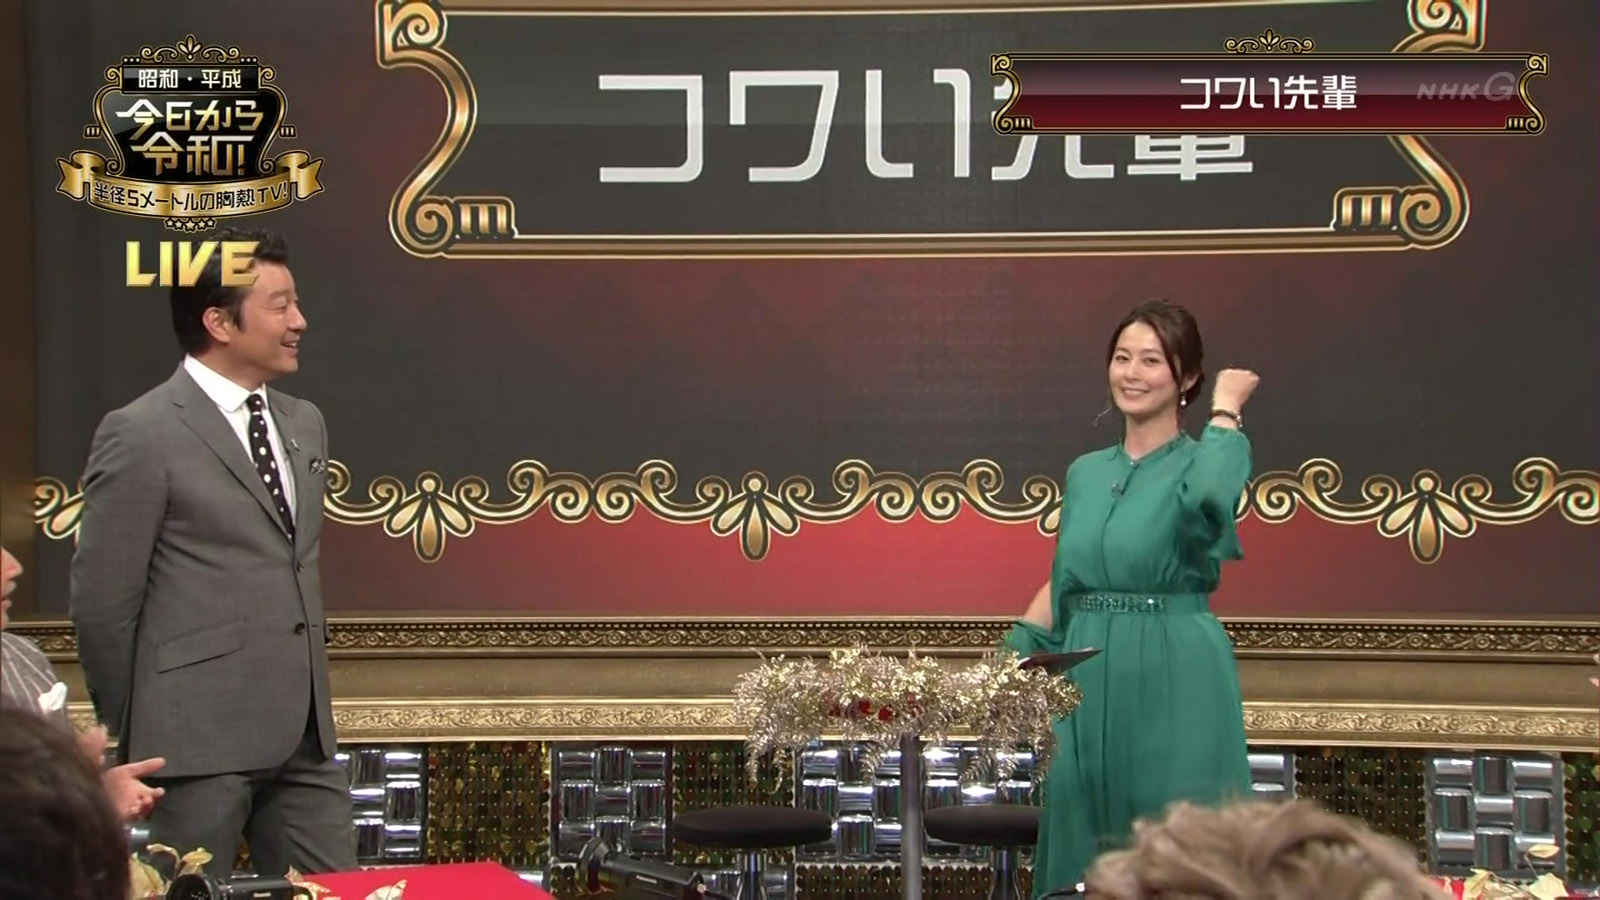 杉浦友紀_女子アナ_パラパラ_着衣巨乳_08